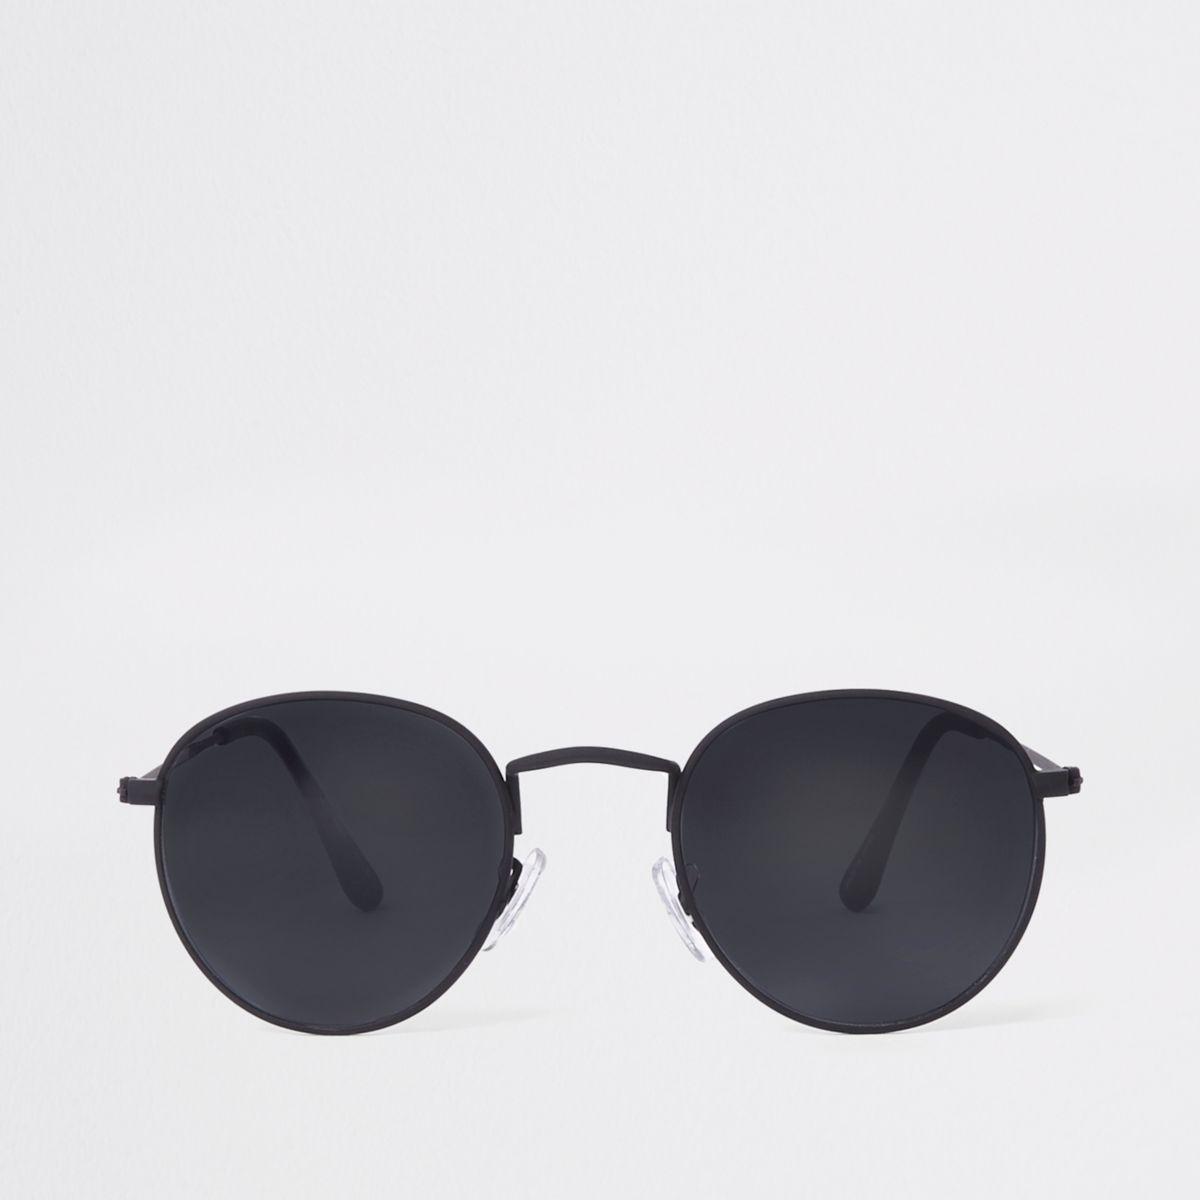 Black rubber round sunglasses